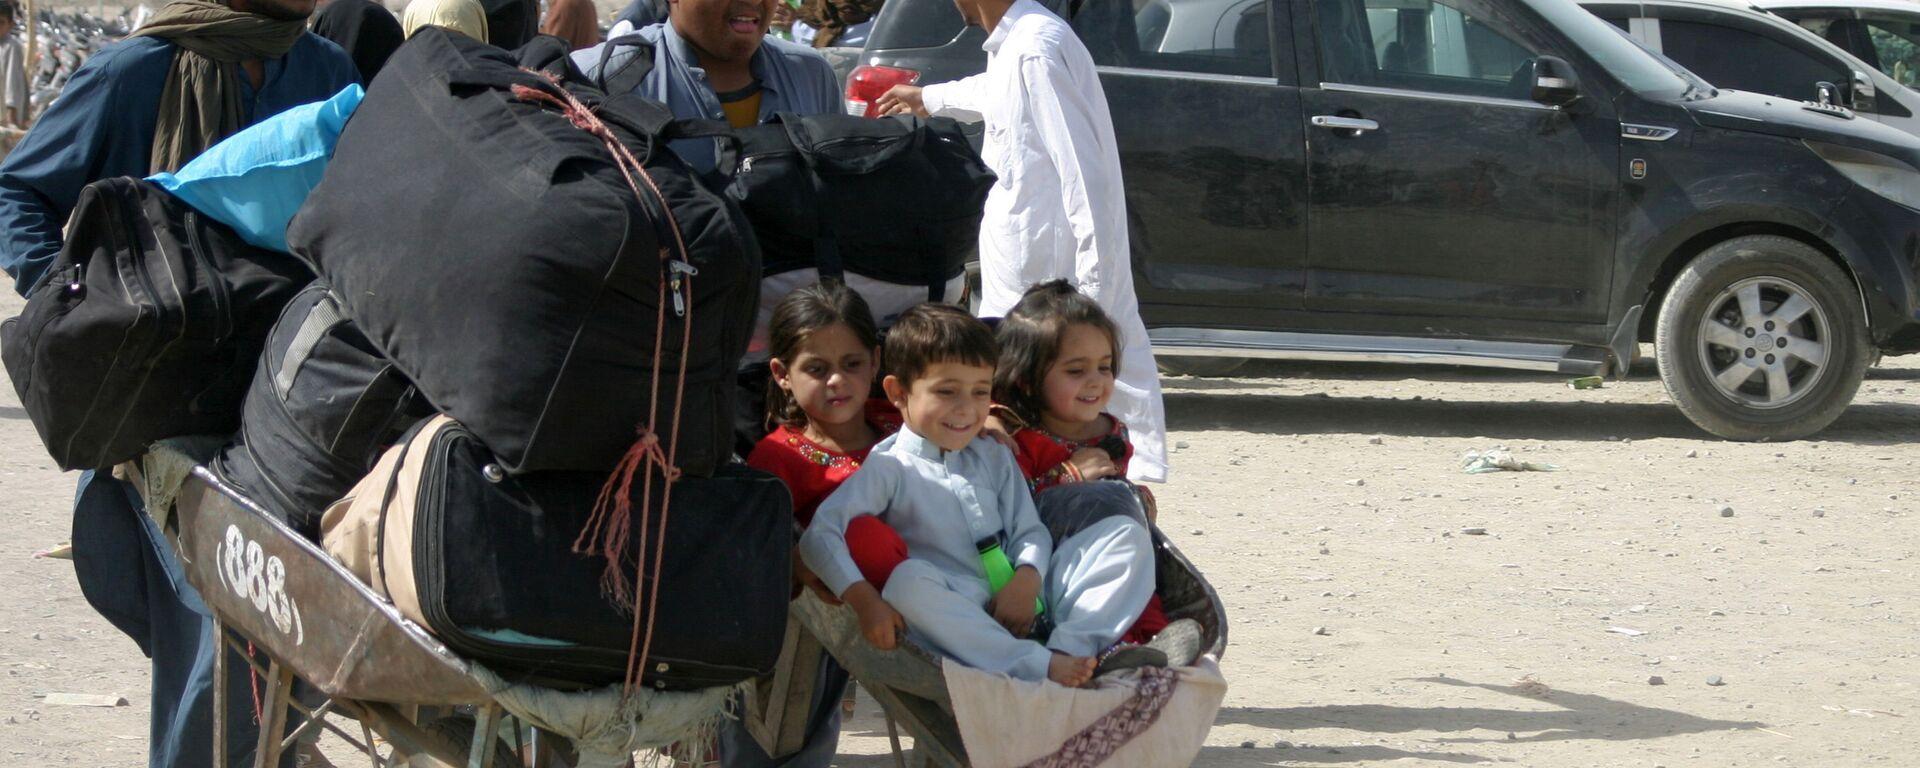 Семья из Афганистана с вещами на контрольно-пропускном пункте Ворота дружбы в пакистано-афганском пограничном городе Чаман, Пакистан - Sputnik Узбекистан, 1920, 20.09.2021